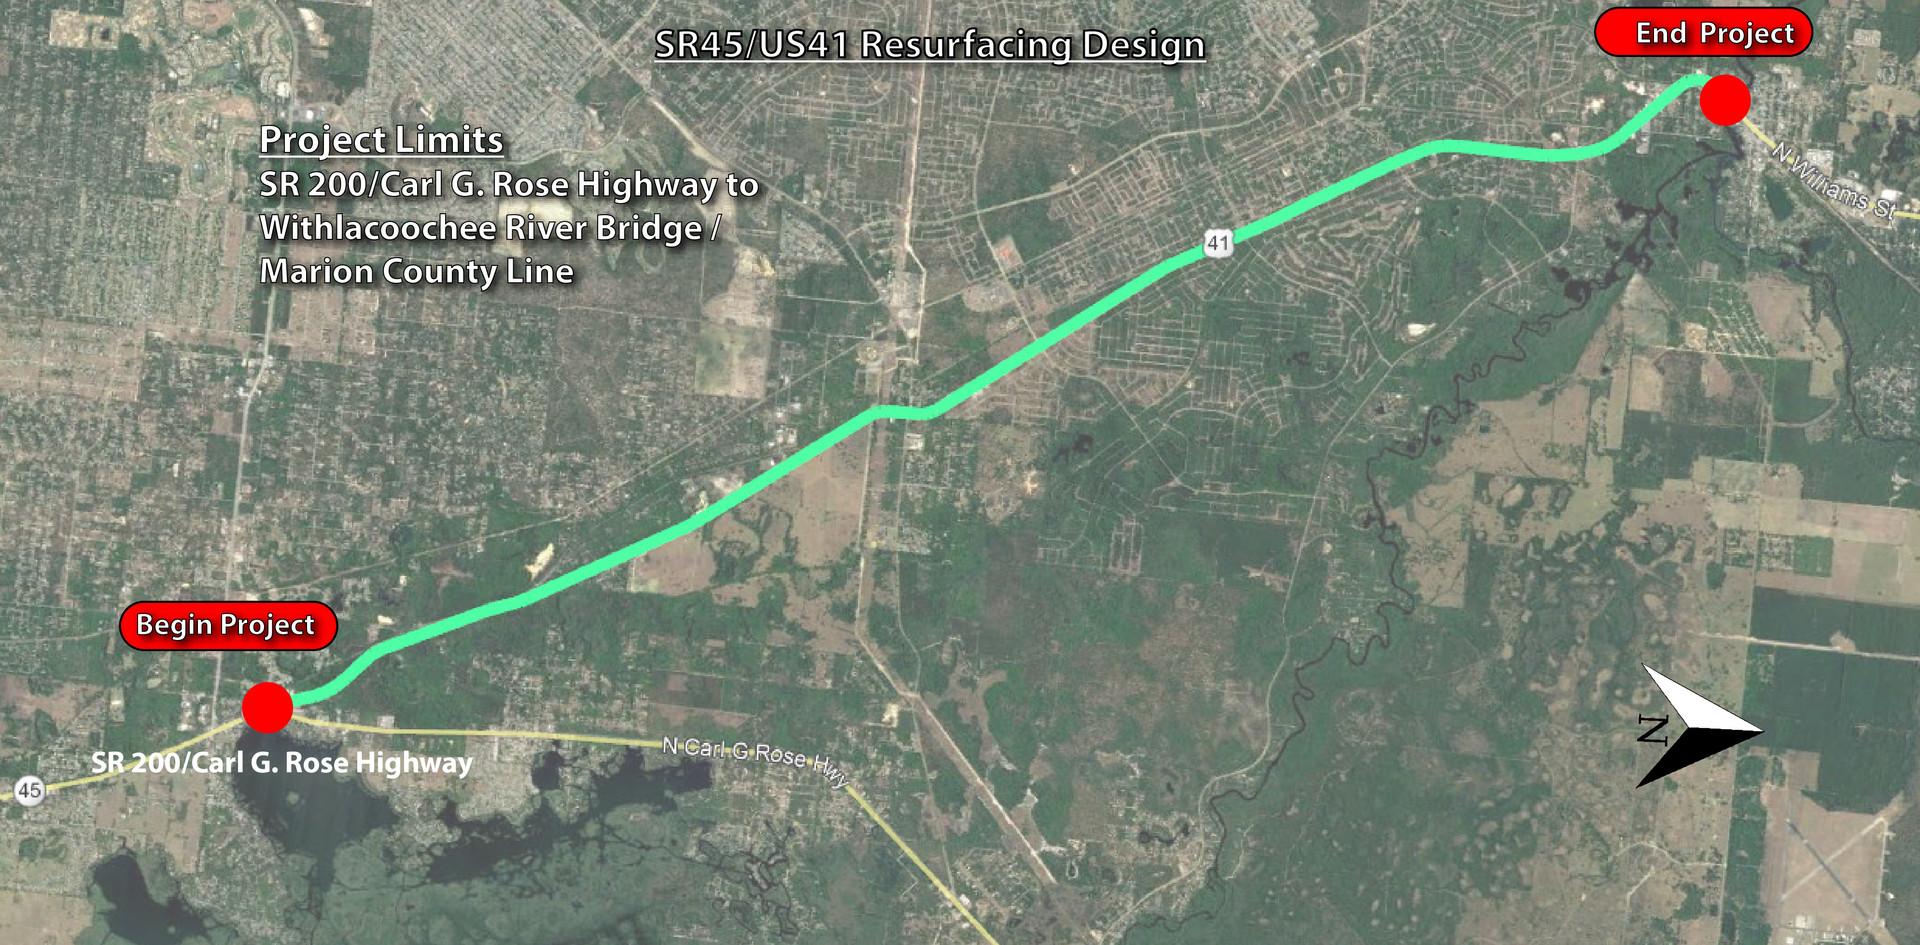 SR 45 / US 41 RRR